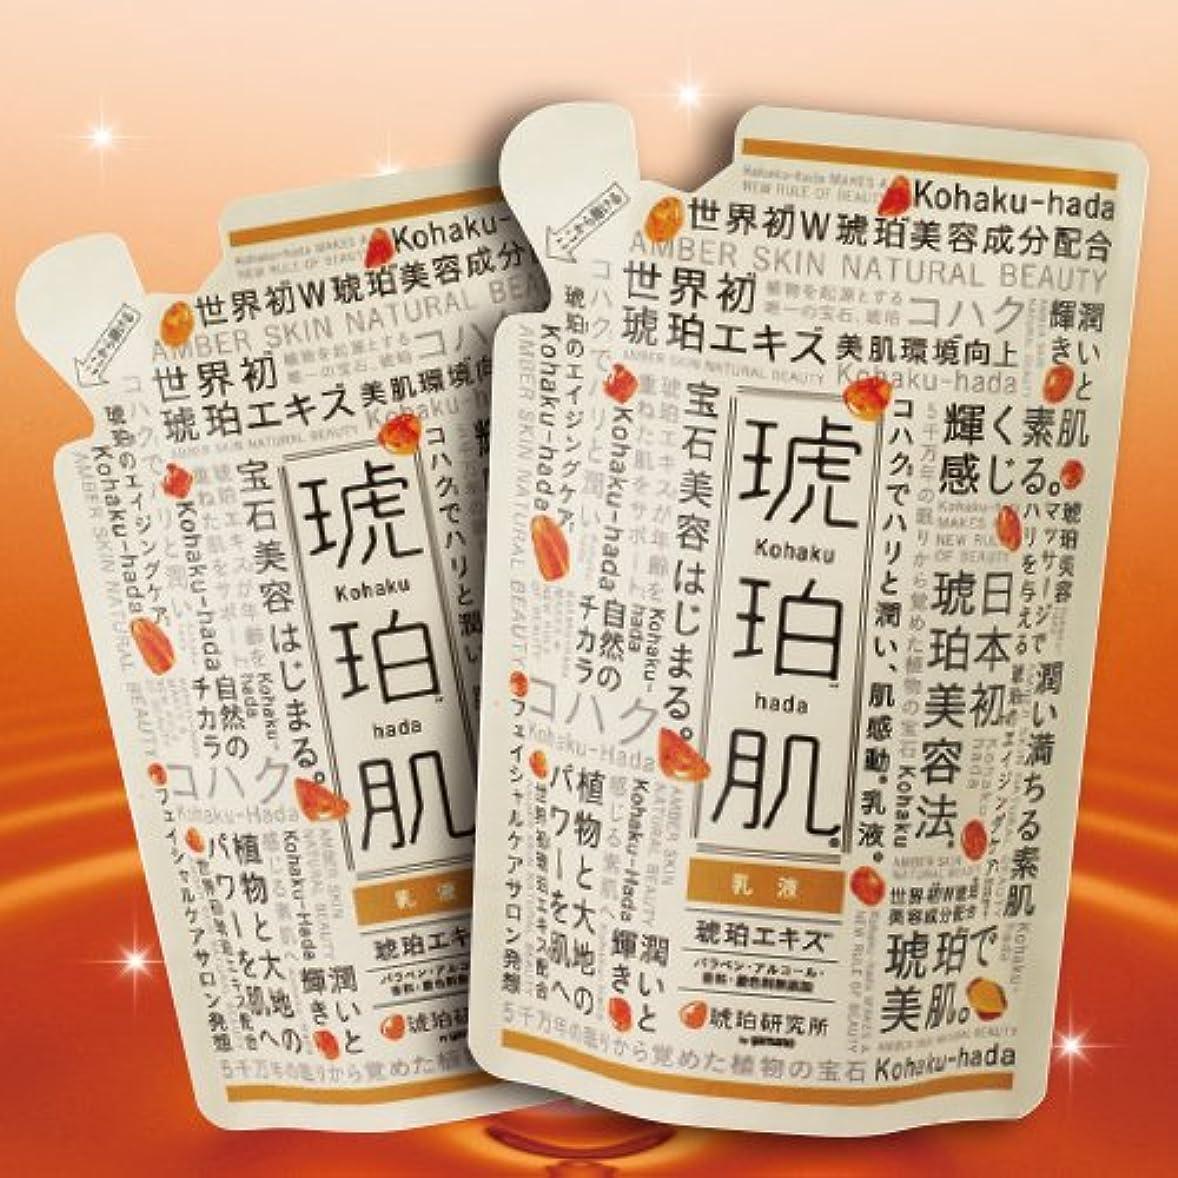 宝人間収入琥珀肌 乳液 詰替2個セット 140ml